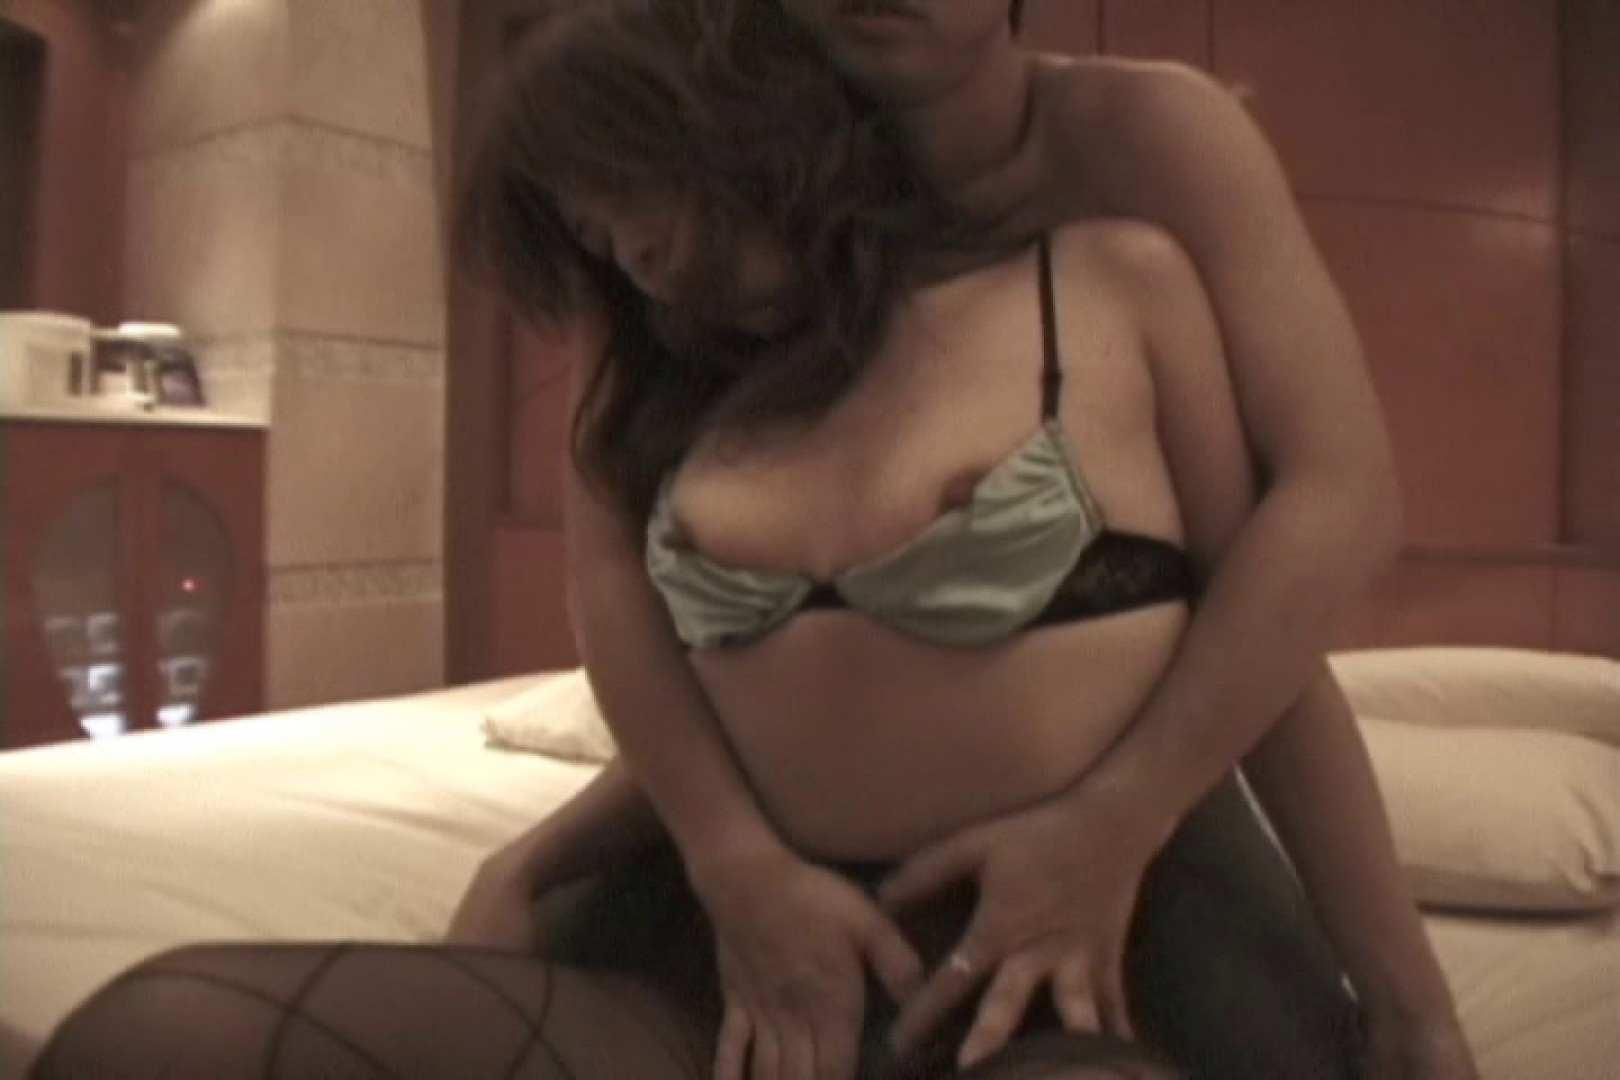 敏感な私の体を好きにして~川田さやか~ エッチな熟女 性交動画流出 84pic 59